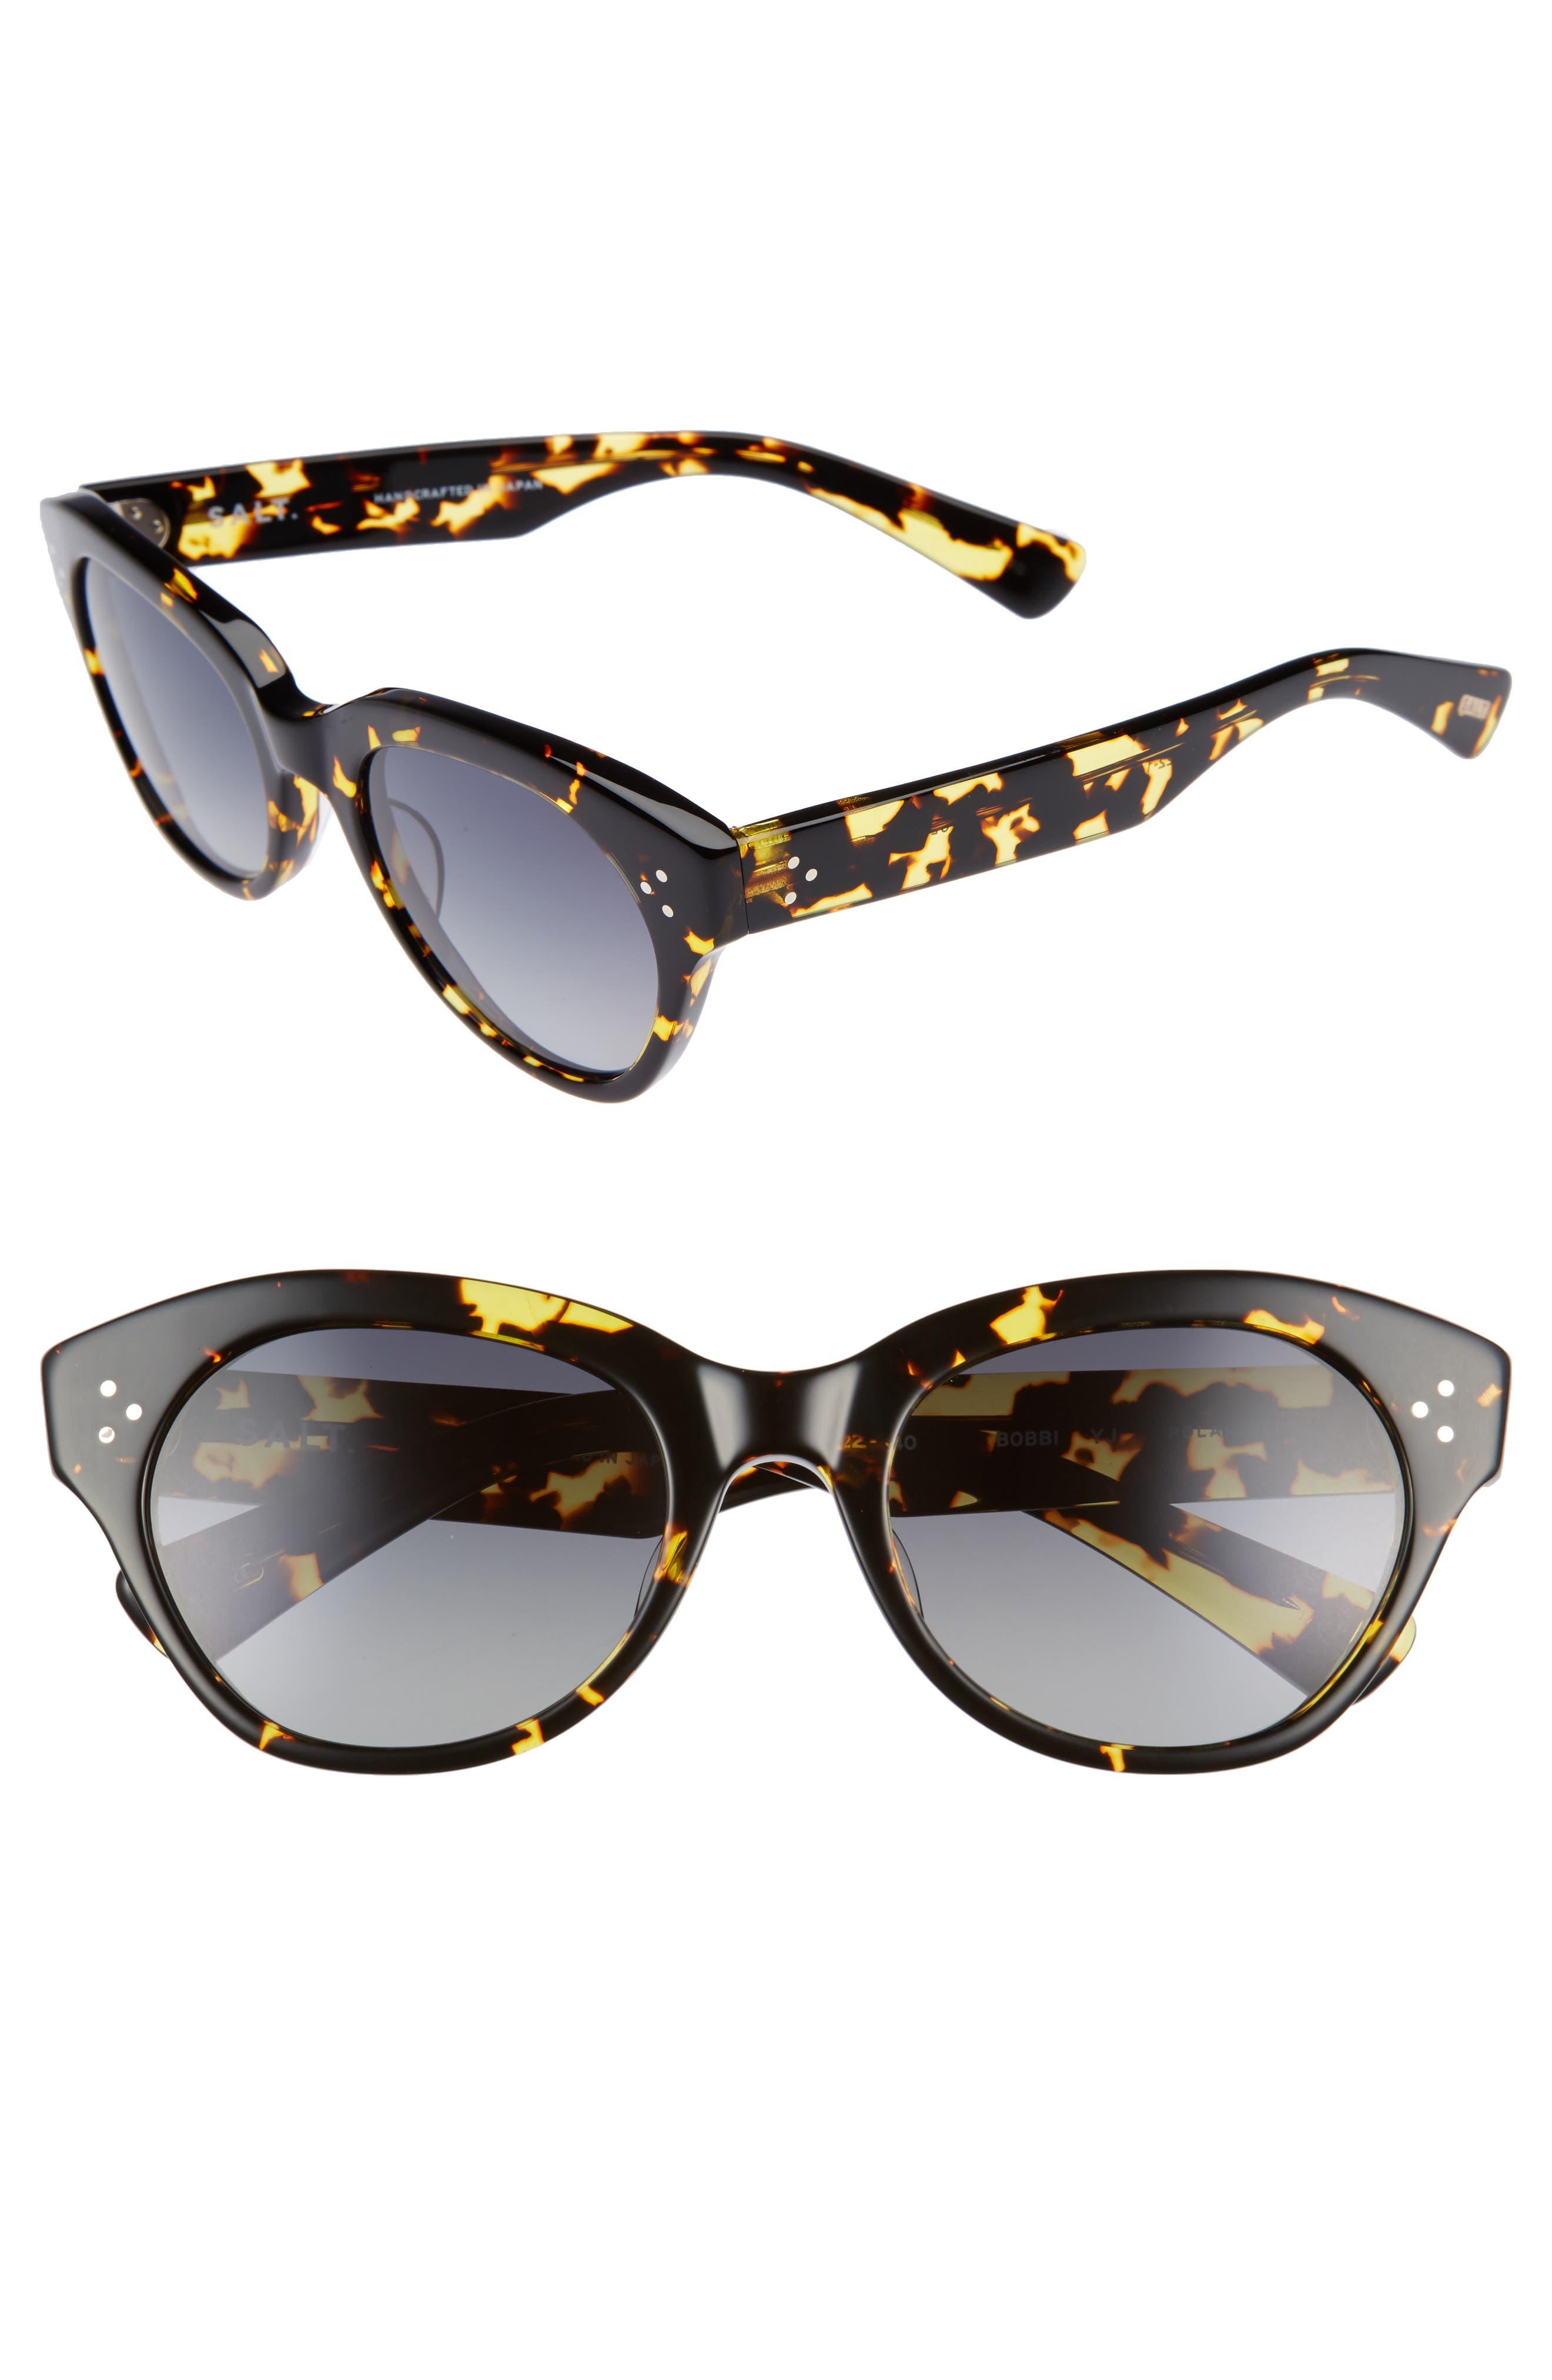 Bobbi 53mm Cat Eye Polarized Sunglasses,                             Main thumbnail 1, color,                             001